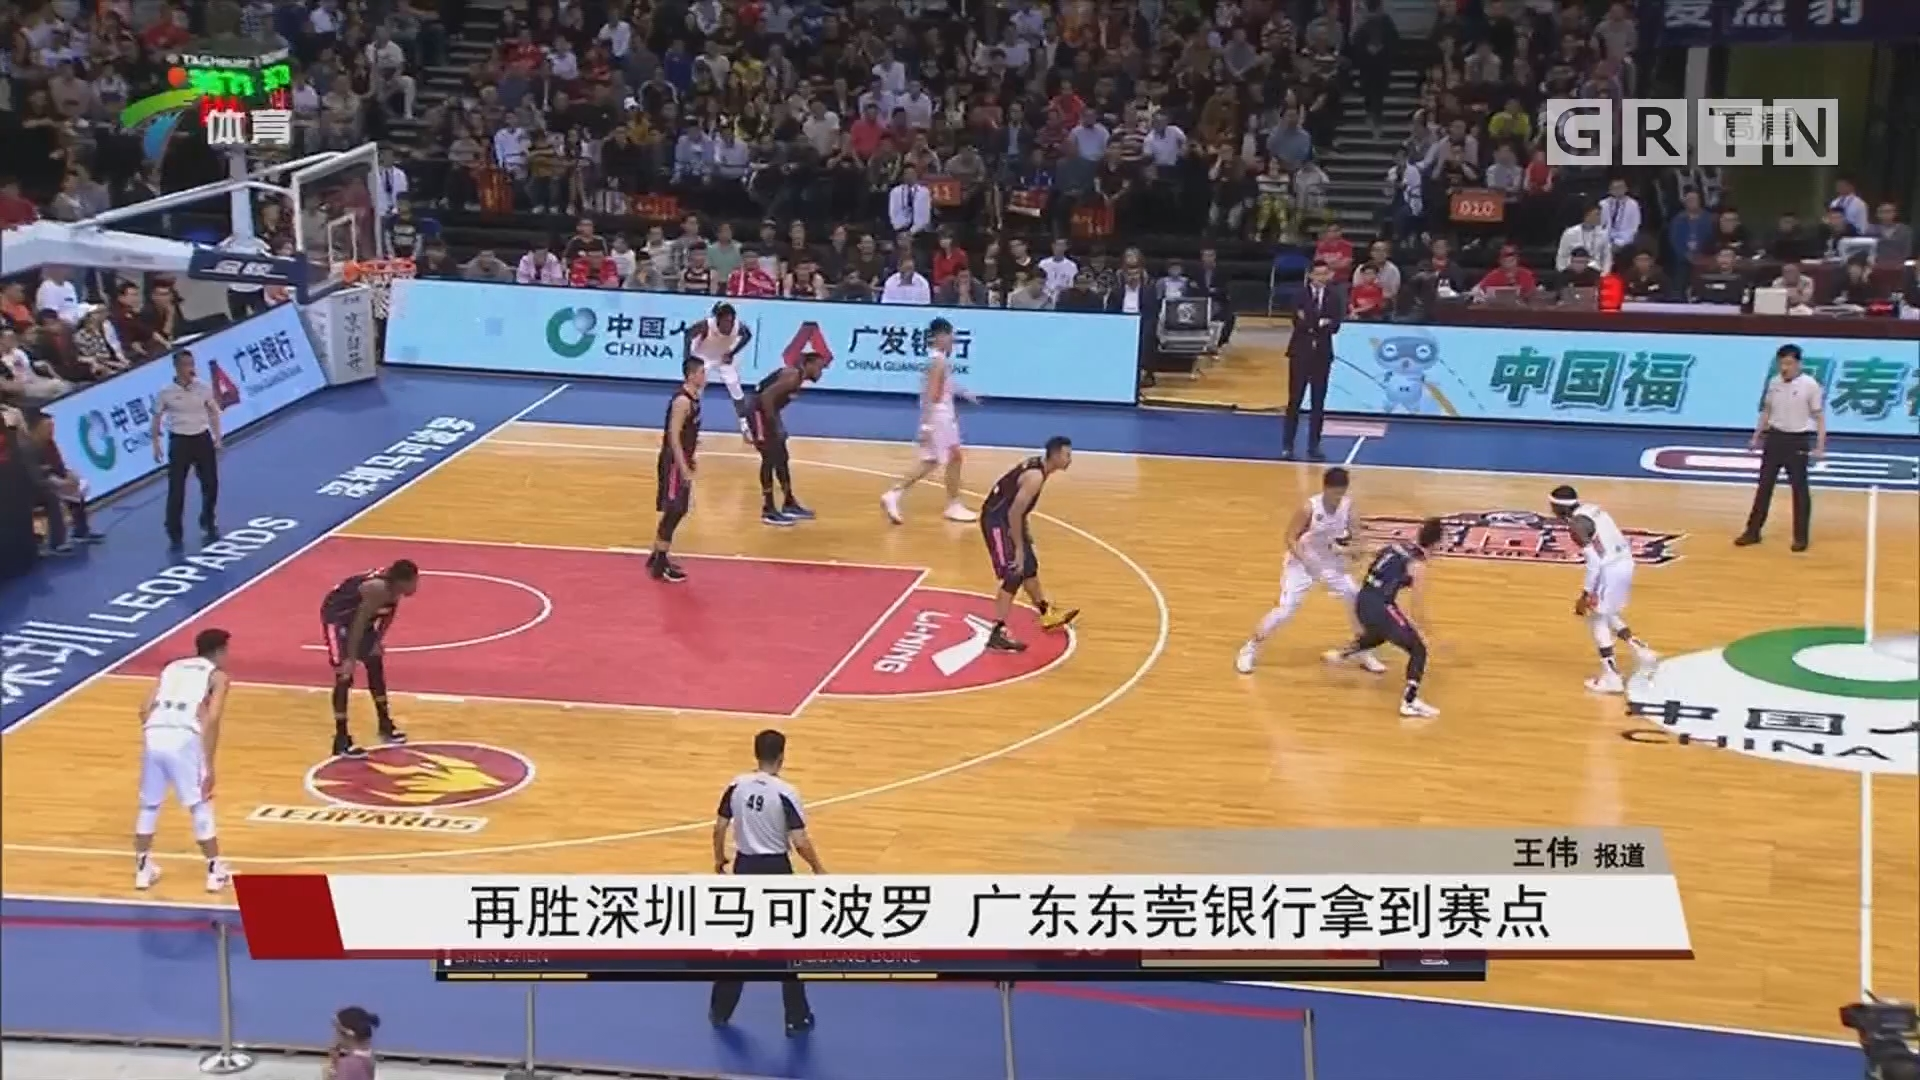 再胜深圳马可波罗 广东东莞银行拿到赛点